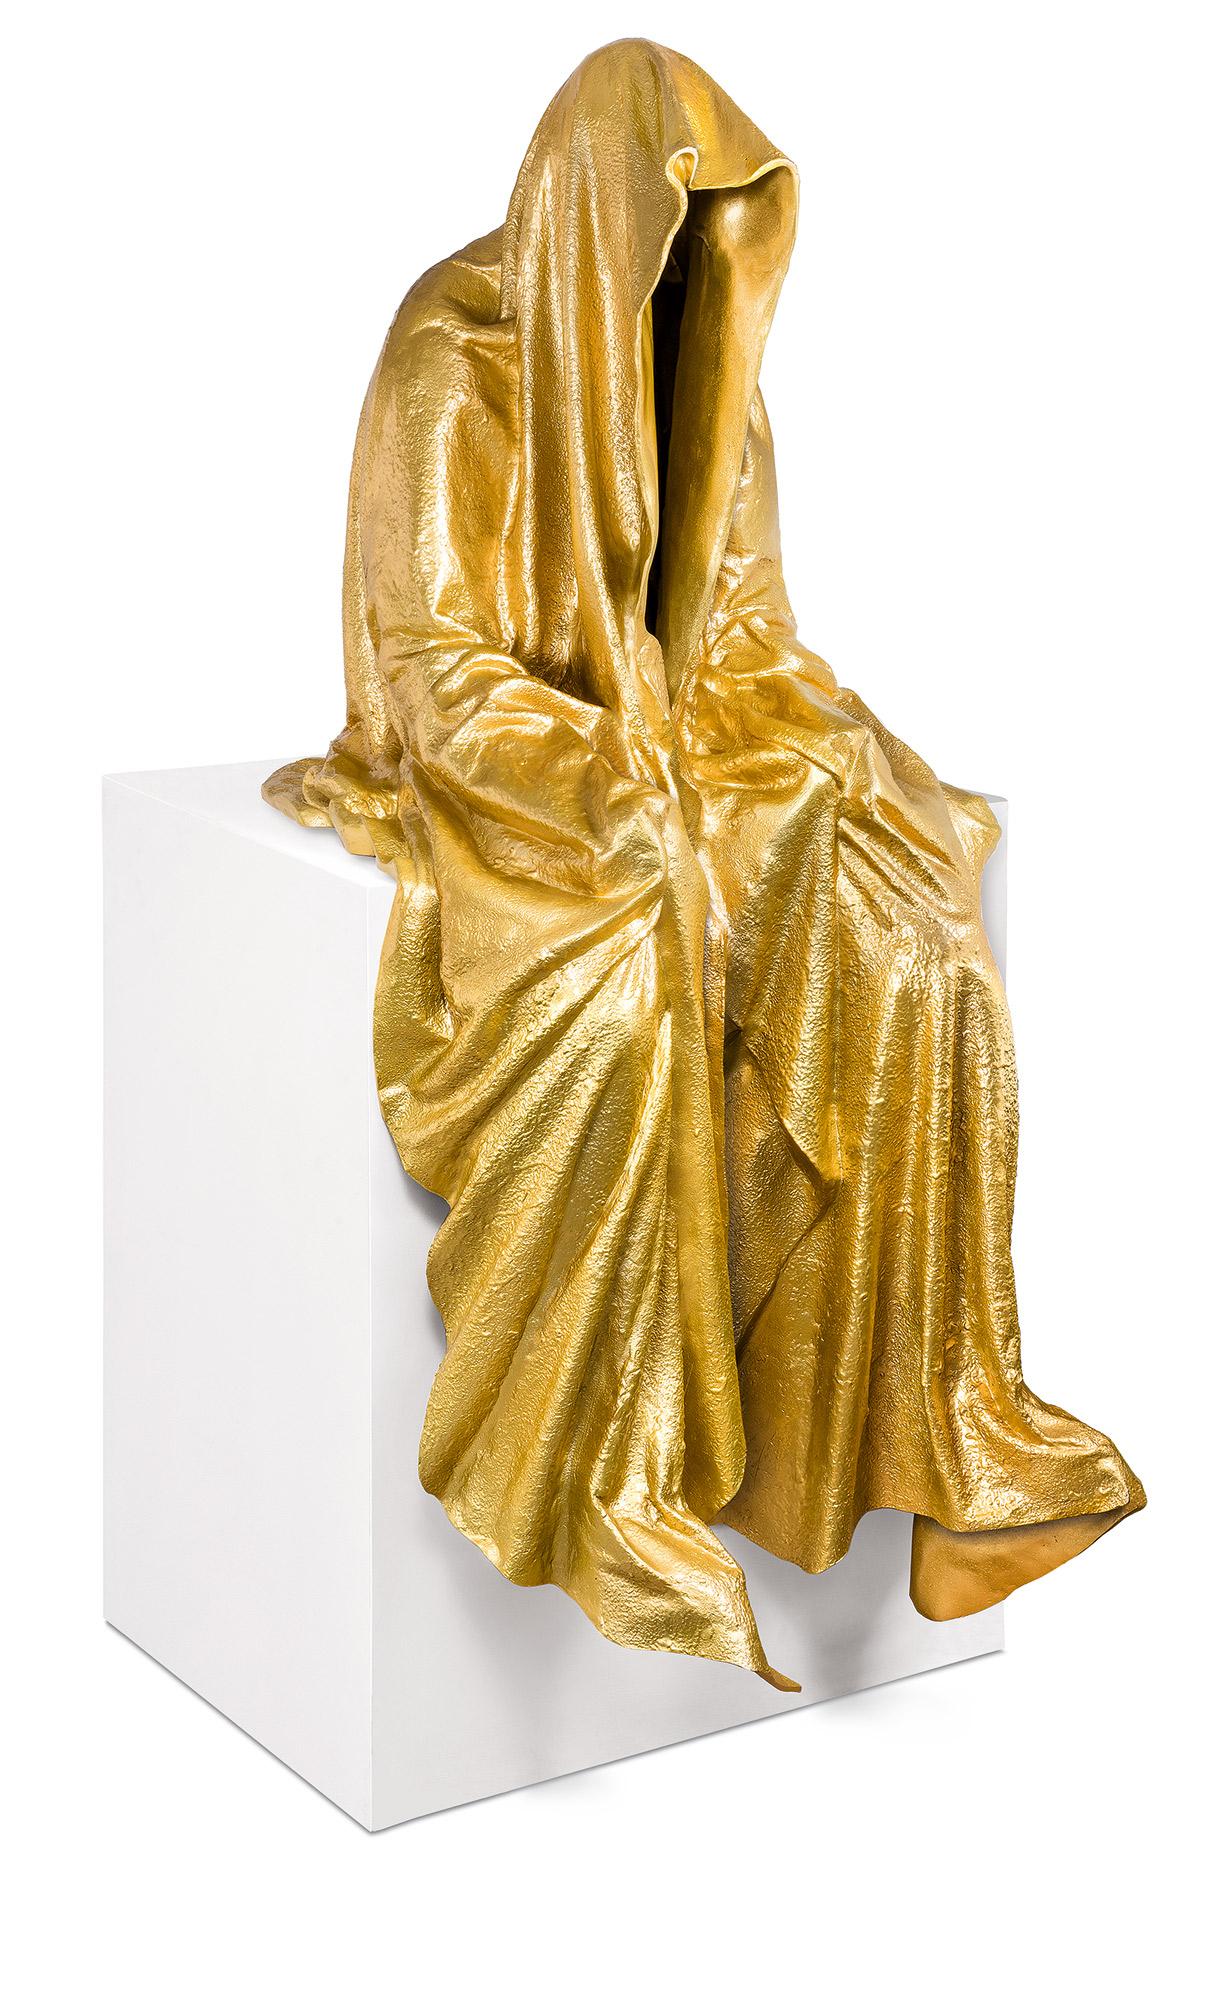 87774_art-foundry-strassacker-guardian_of_time_gold-manfred-kielnhofer-sculpture-statue-ghost-faceless-bronze-fineart-arts-contemporary-art-modern-design